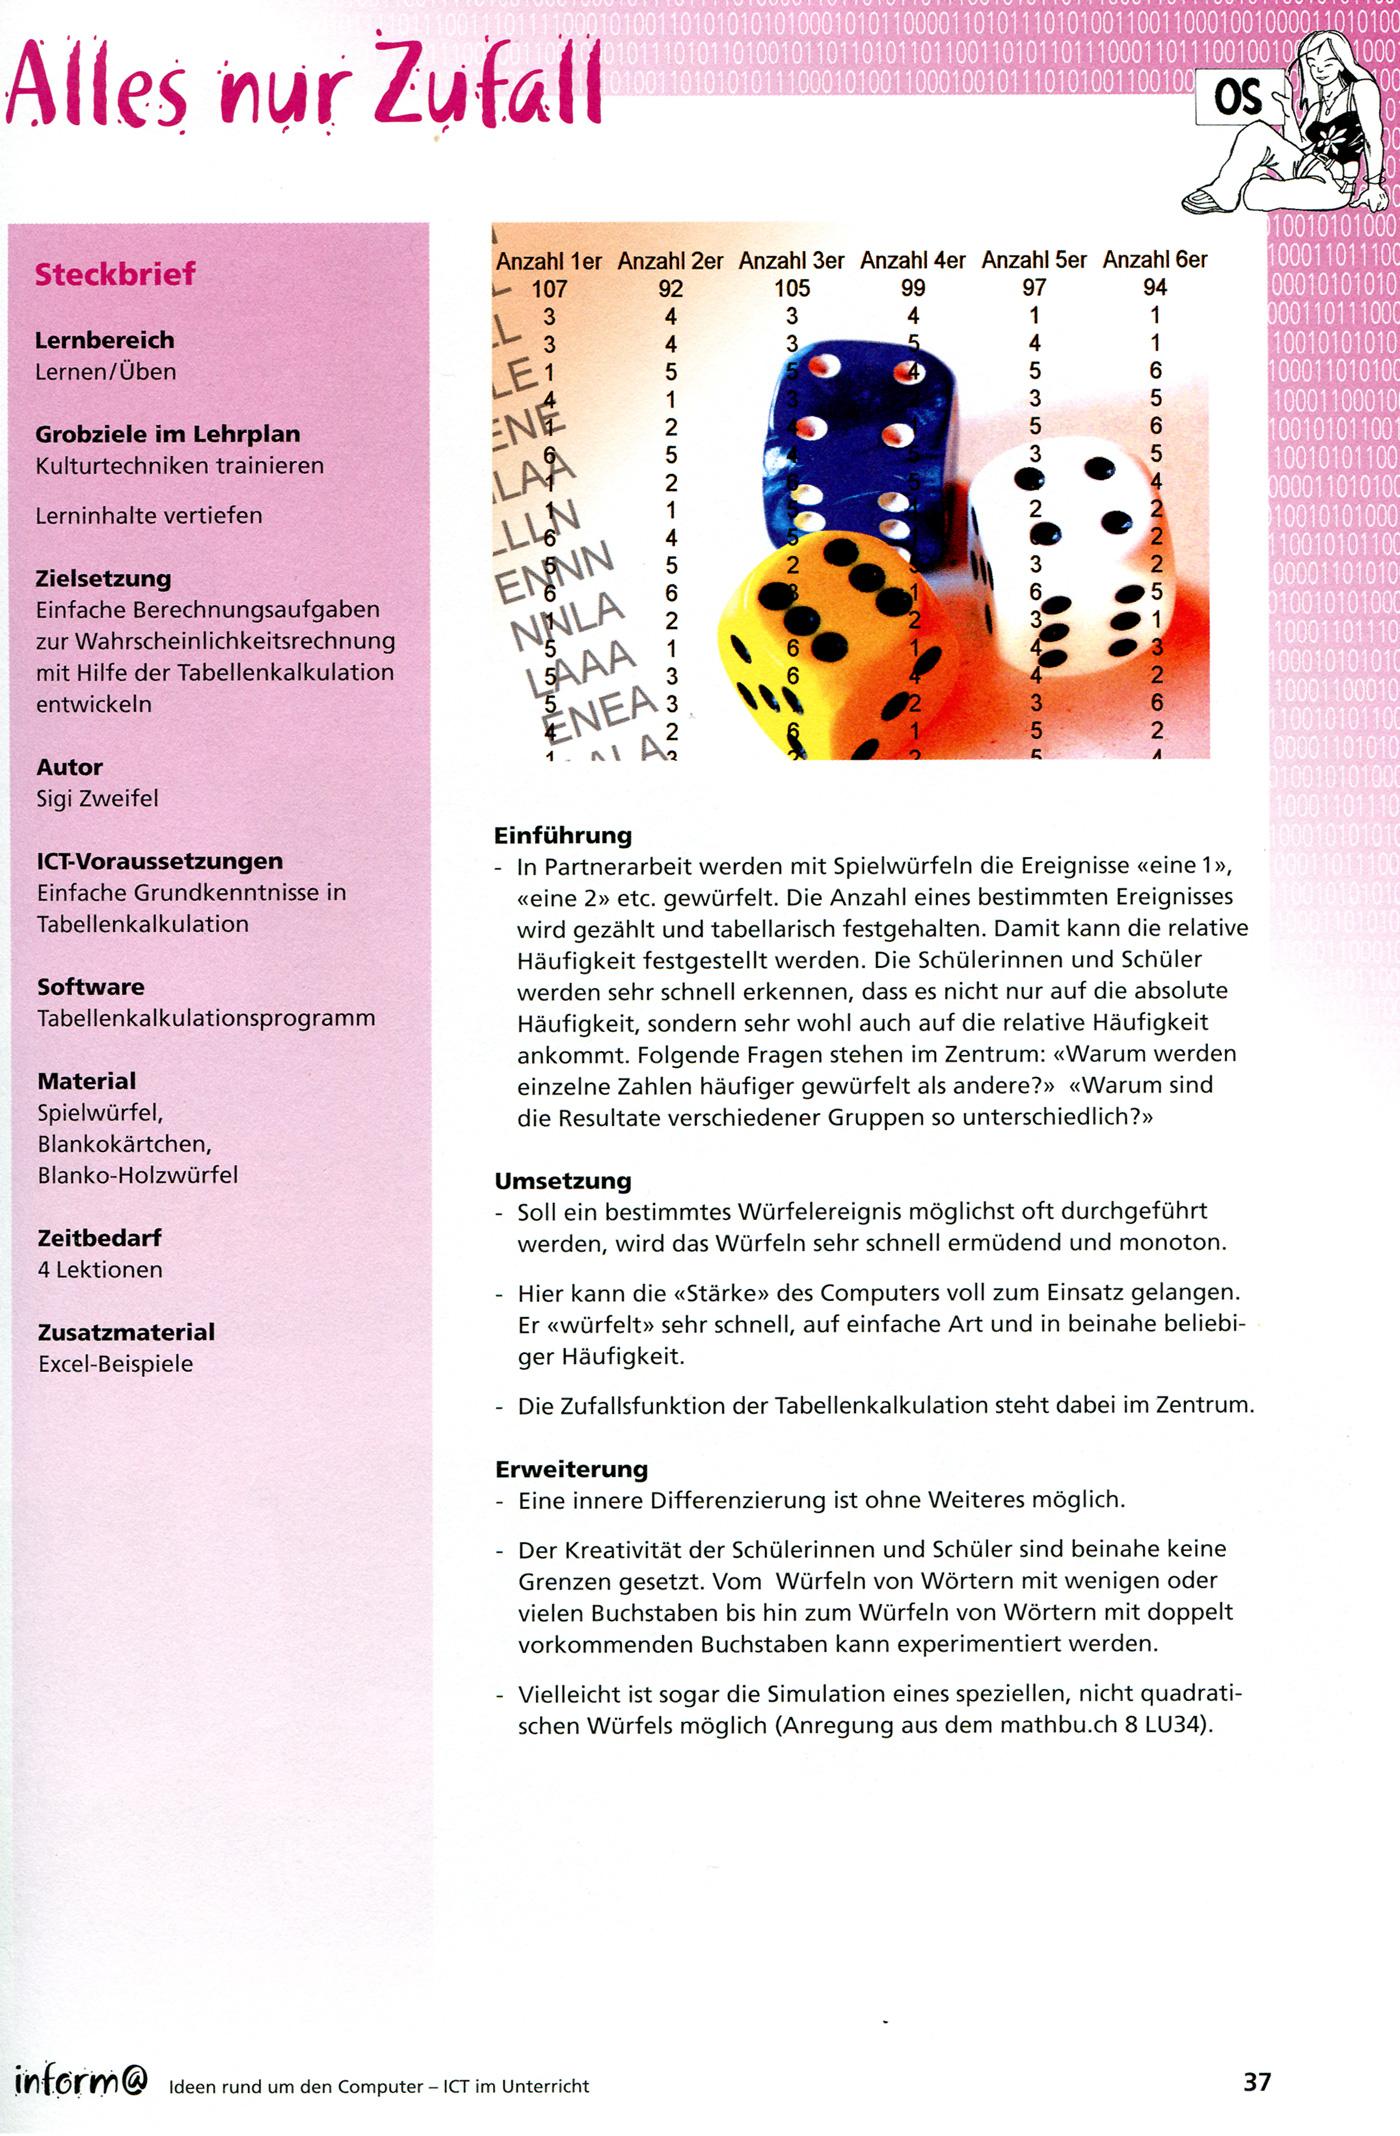 j Datenbank   Medien und Informatik im Unterricht